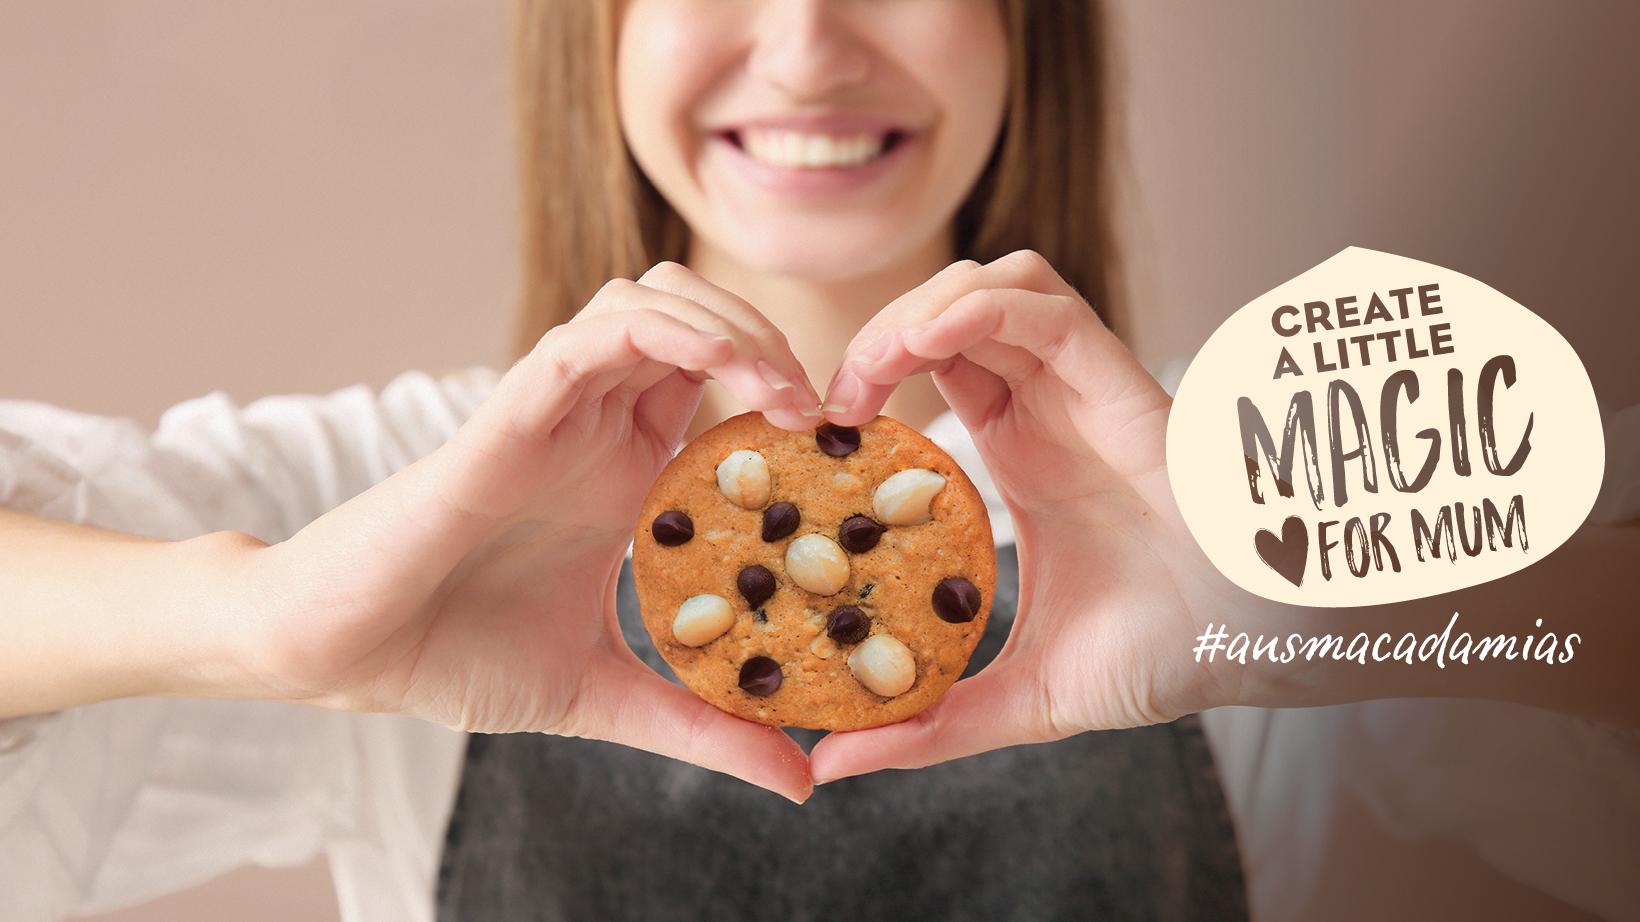 たっぷりの愛とマカダミアを込めて。母の日の手作りクッキー2021新定番